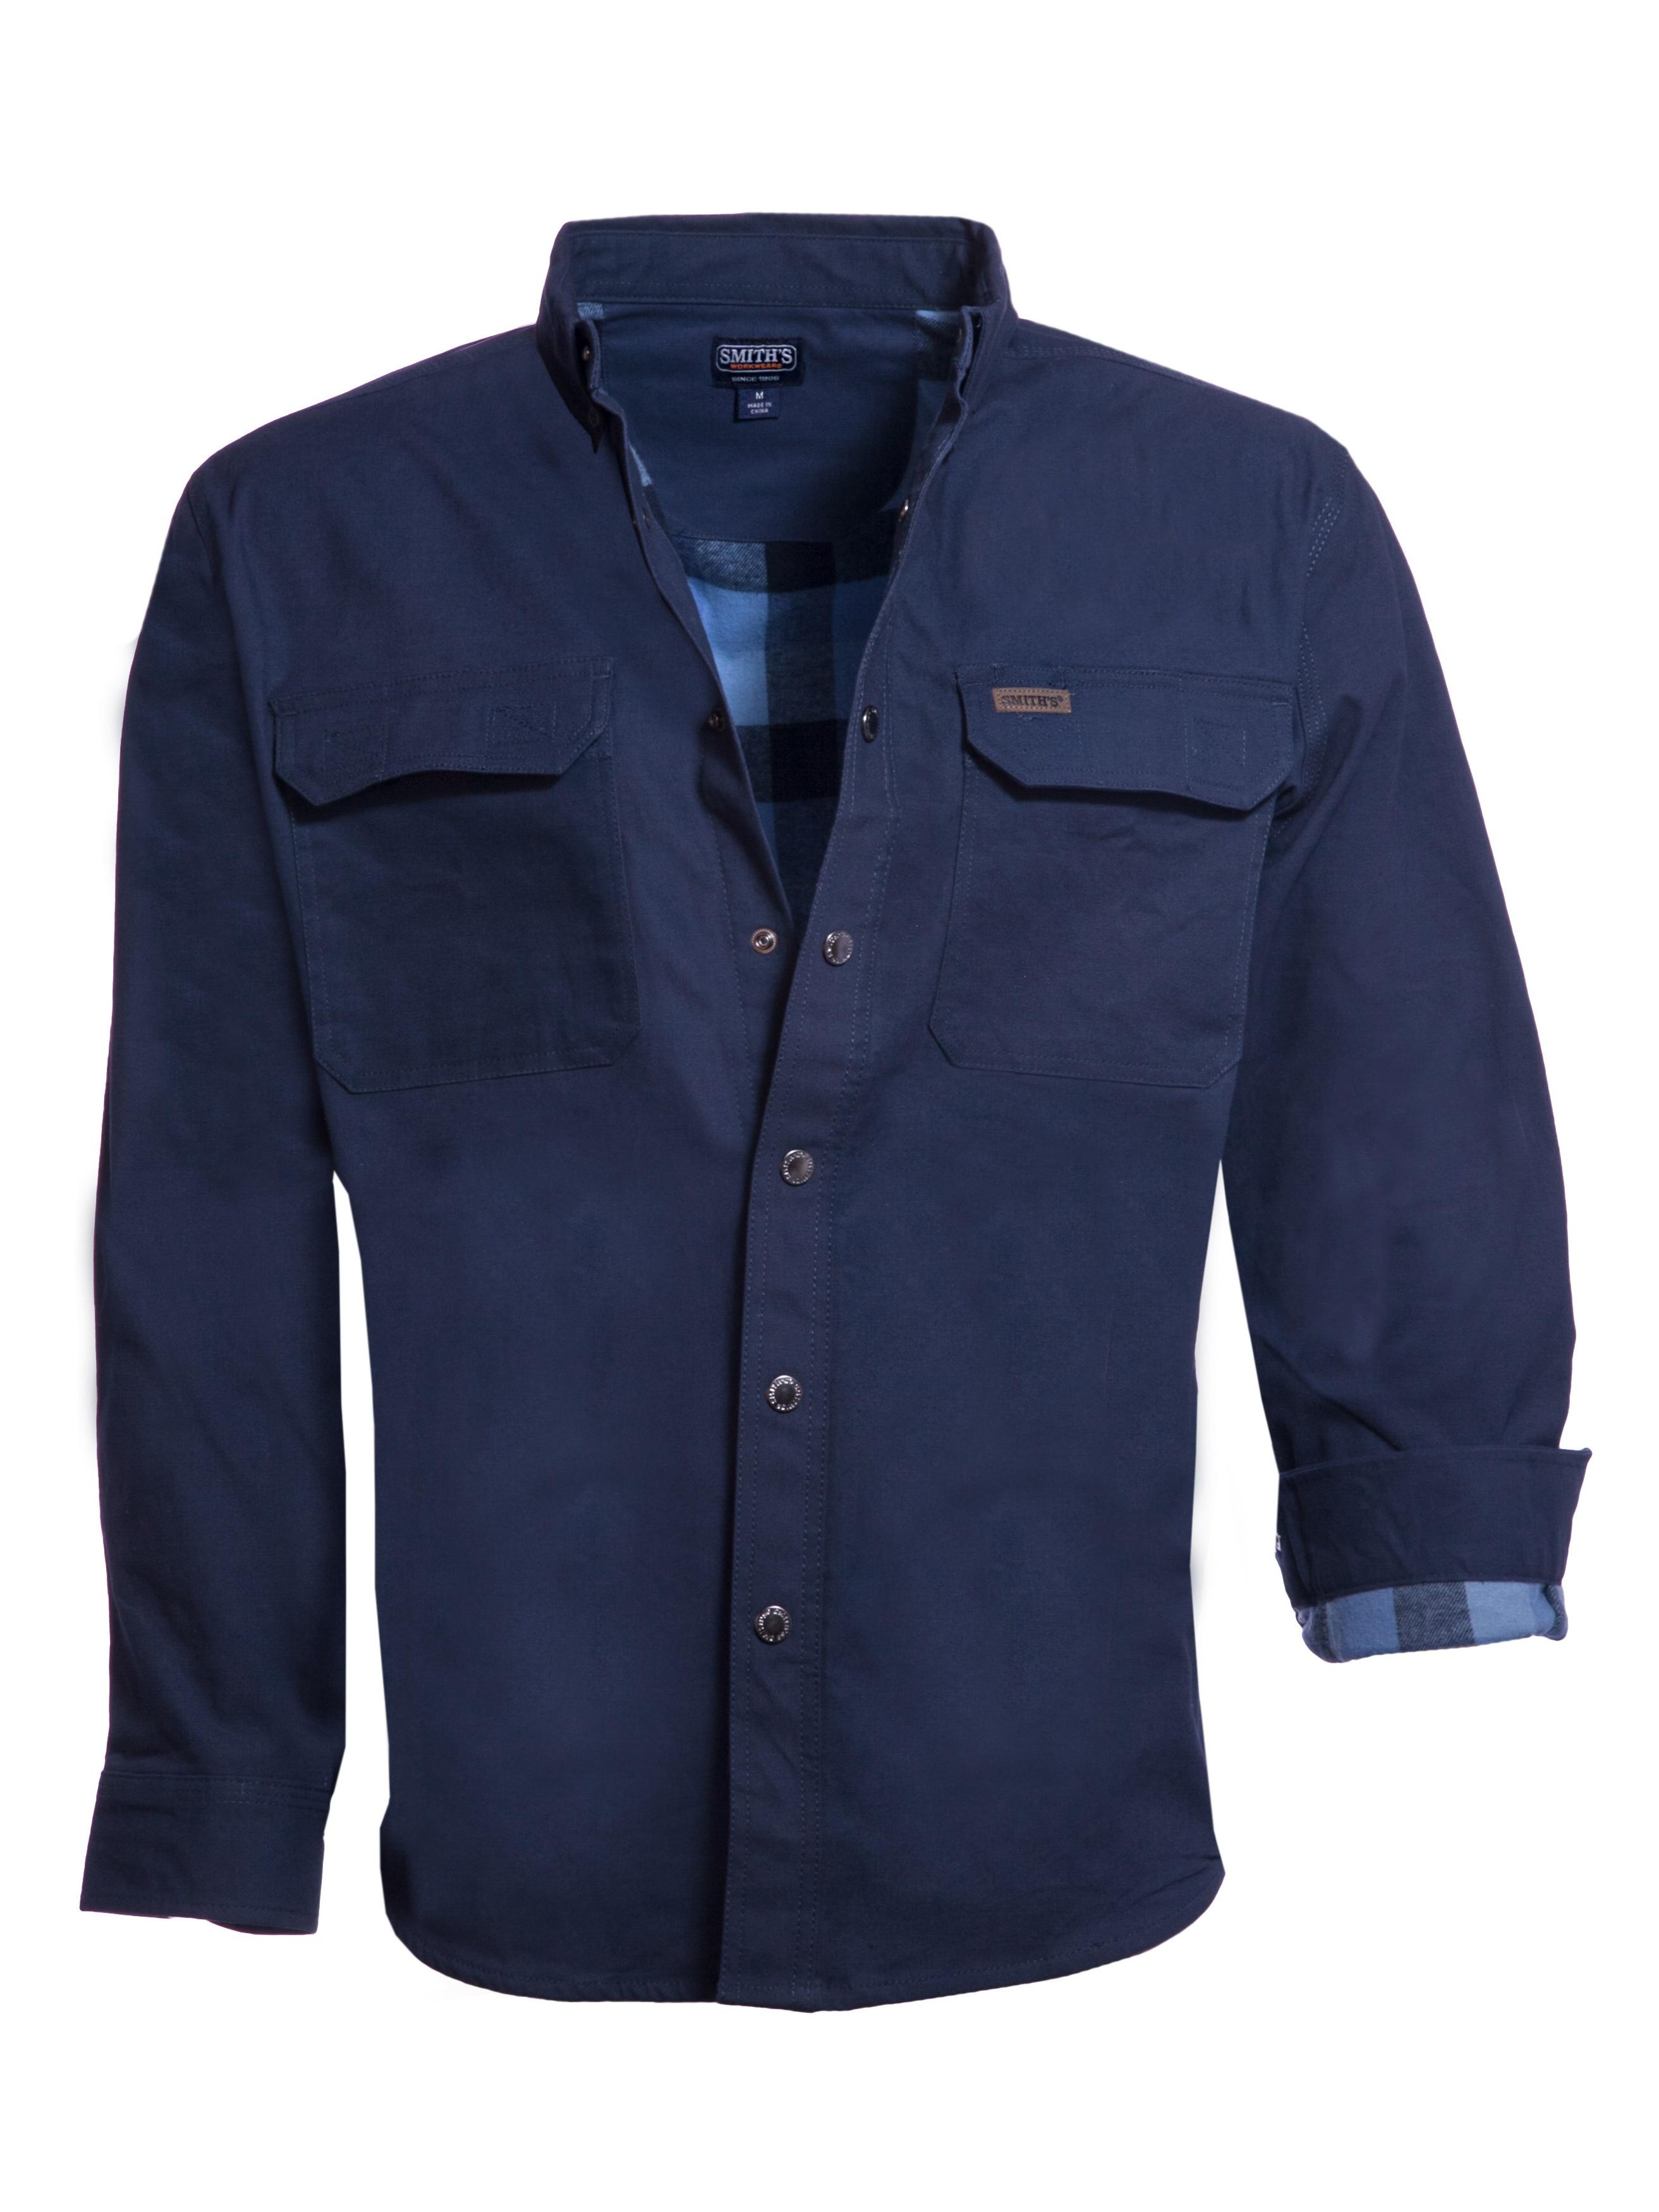 Smiths Workwear Mens 100/% Cotton 4 Oz Flannel Shirt